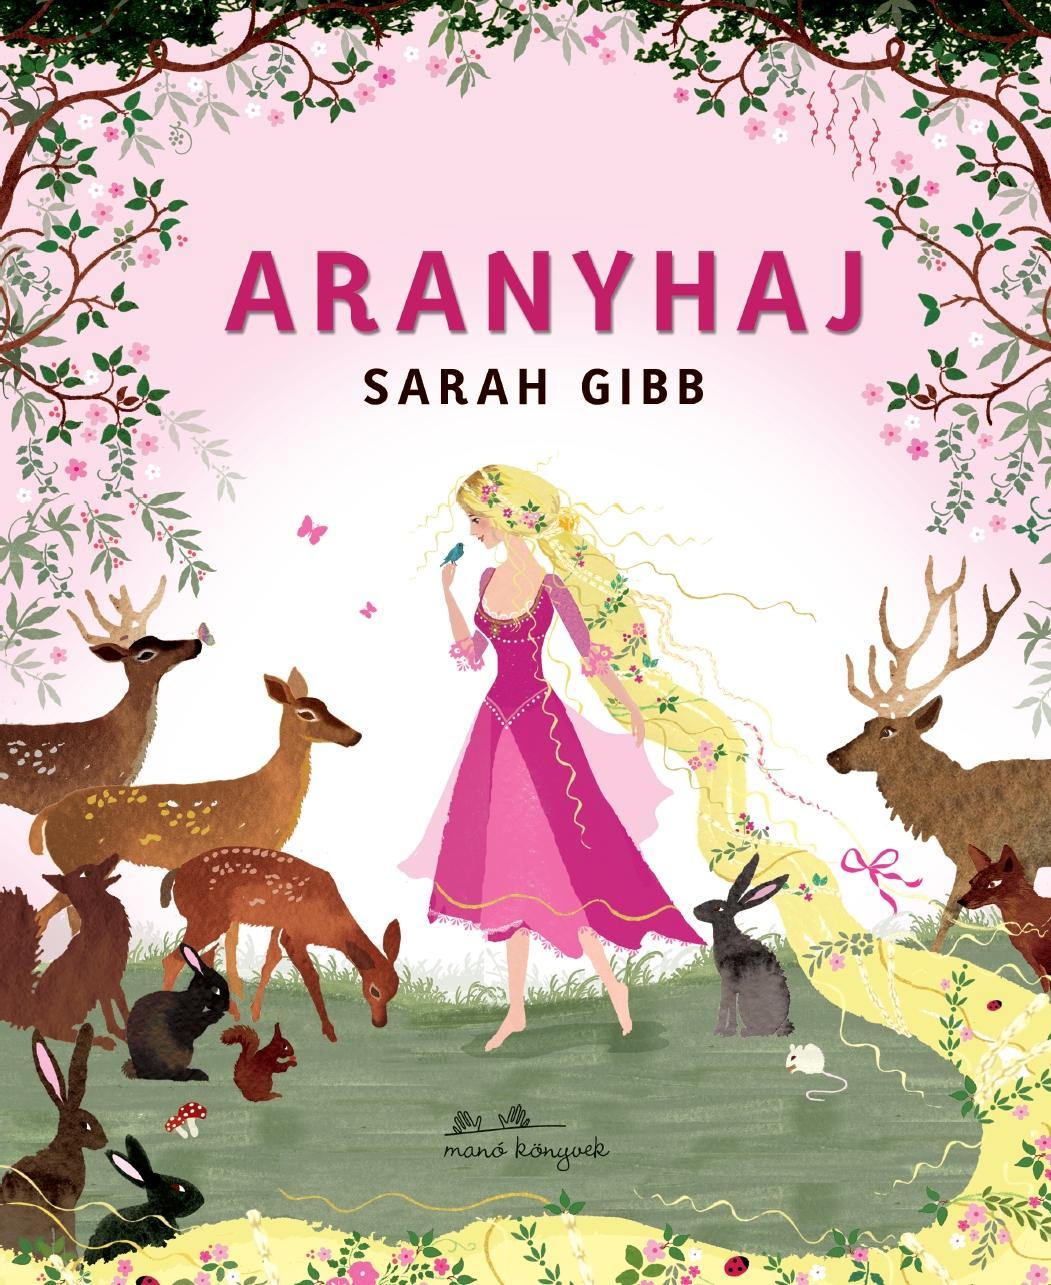 ARANYHAJ